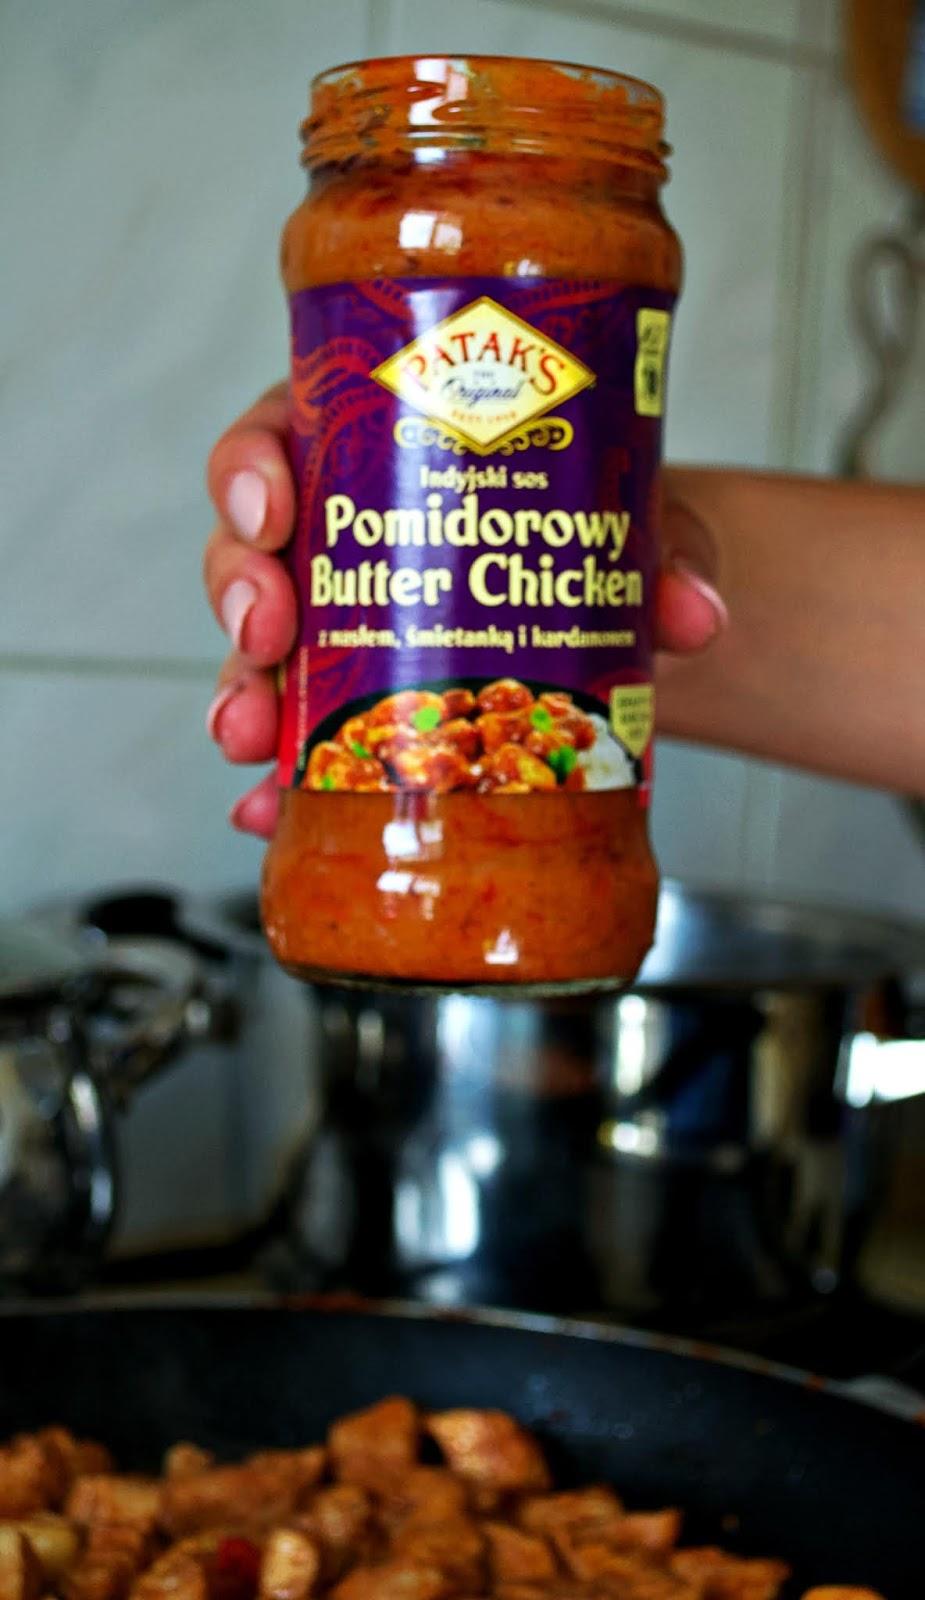 Pomidorowy Butter Chicken Z Ryzem Jasminowym I Indyjskimi Plackami